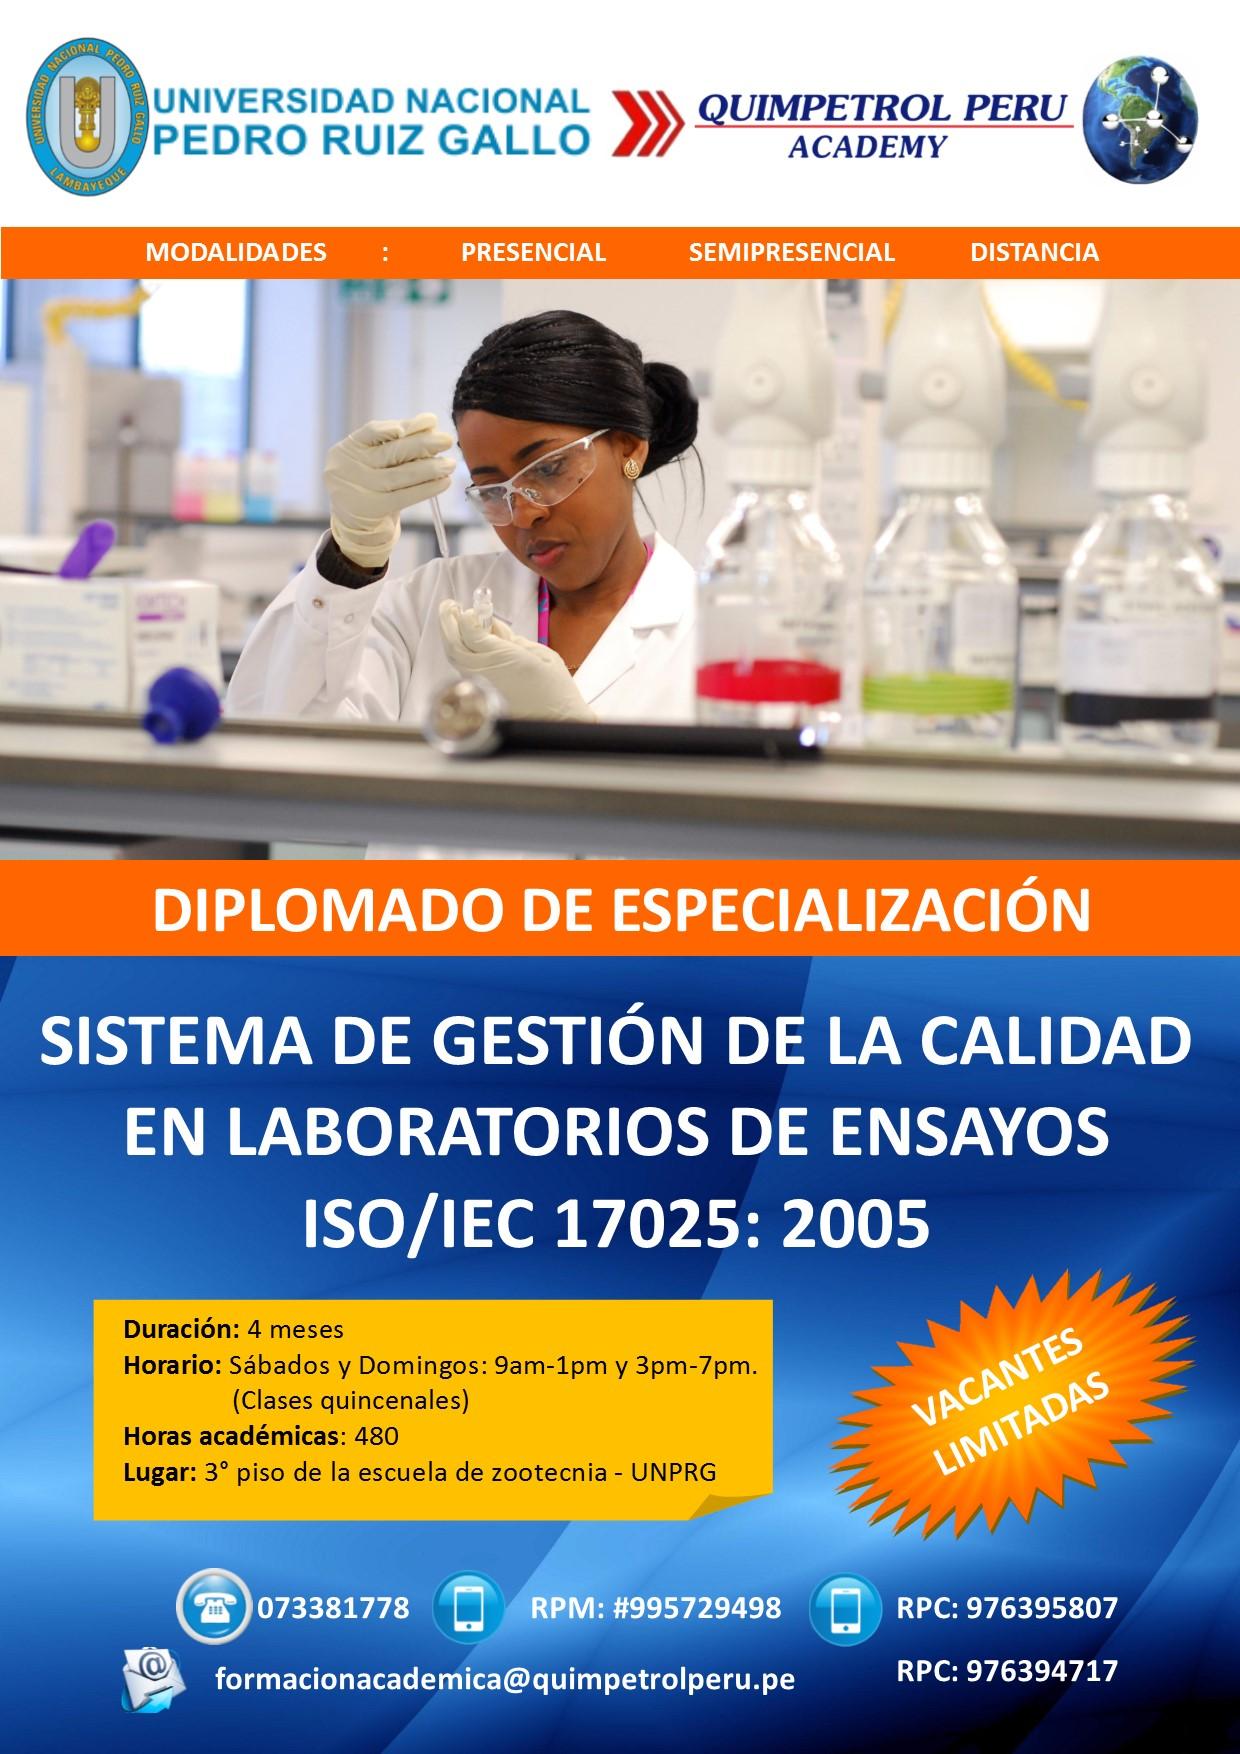 DIPLOMADO DE SISTEMA DE GESTIÓN DE LA CALIDAD EN LABORATORIOS DE ENSAYOS  ISO/IEC 17025